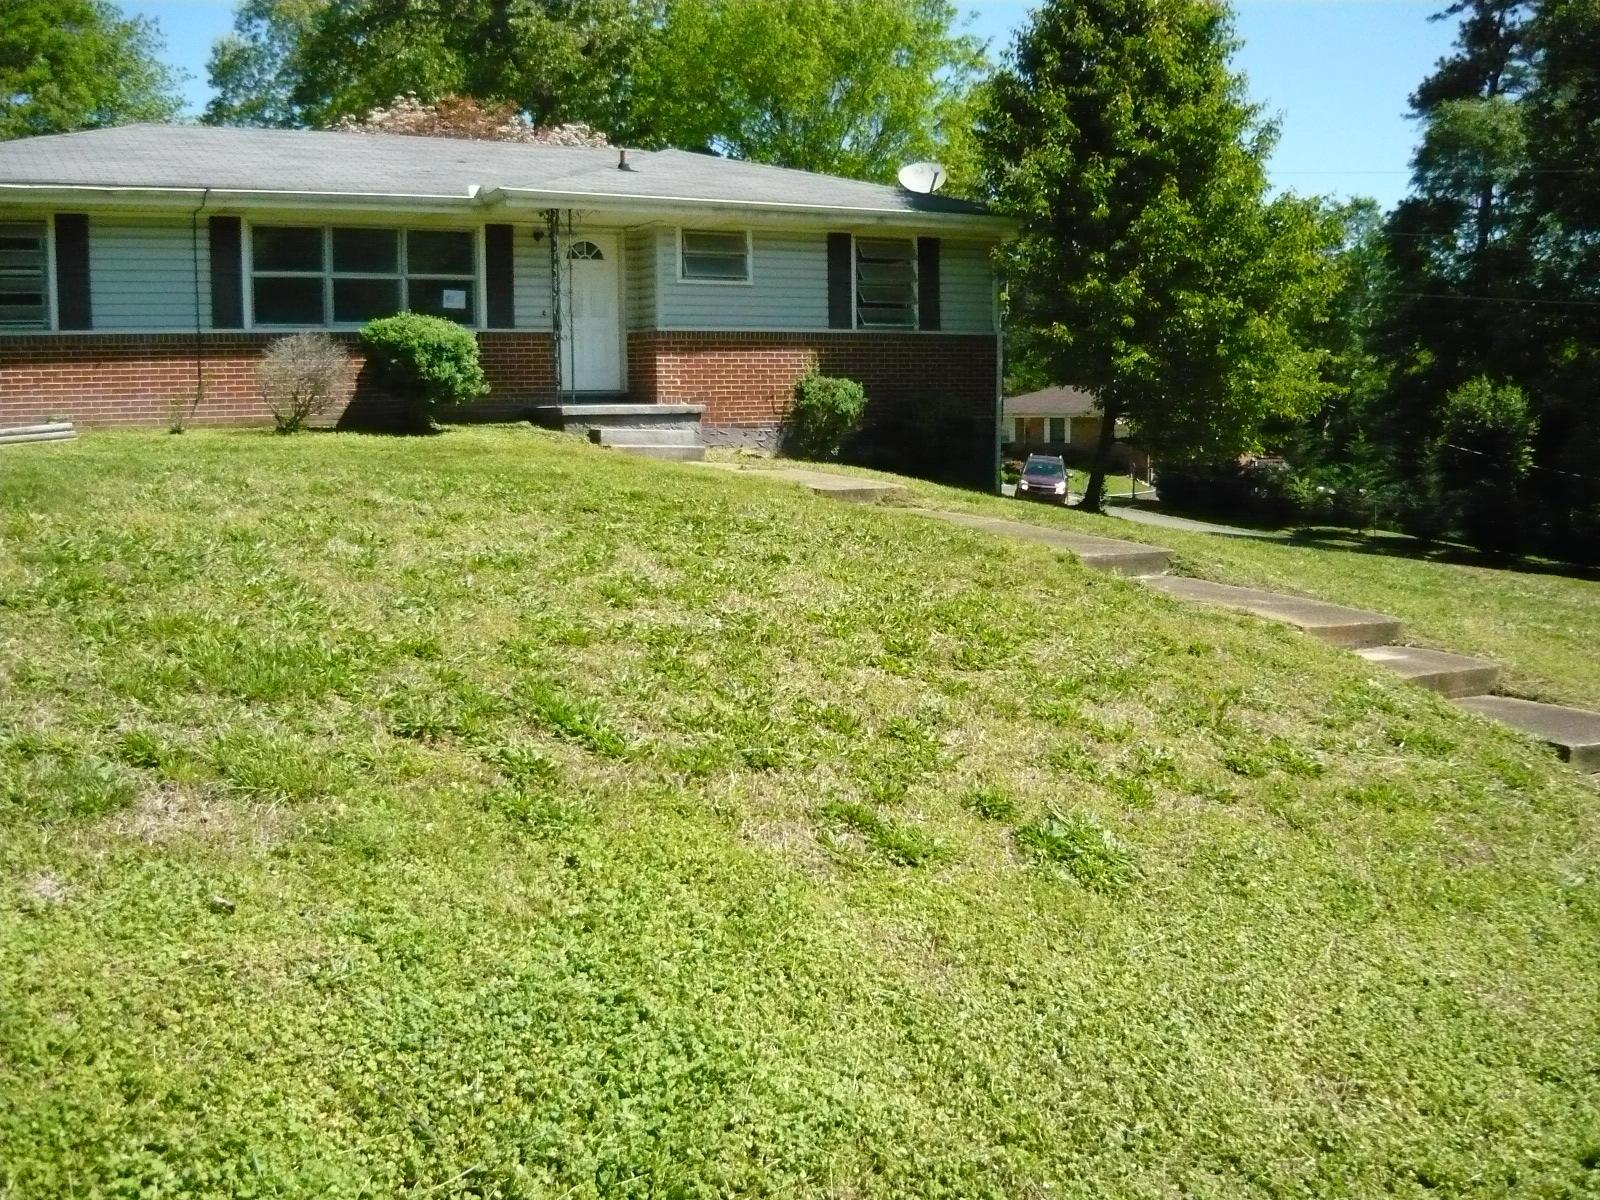 171 Hilltop Dr, Rossville, GA 30741